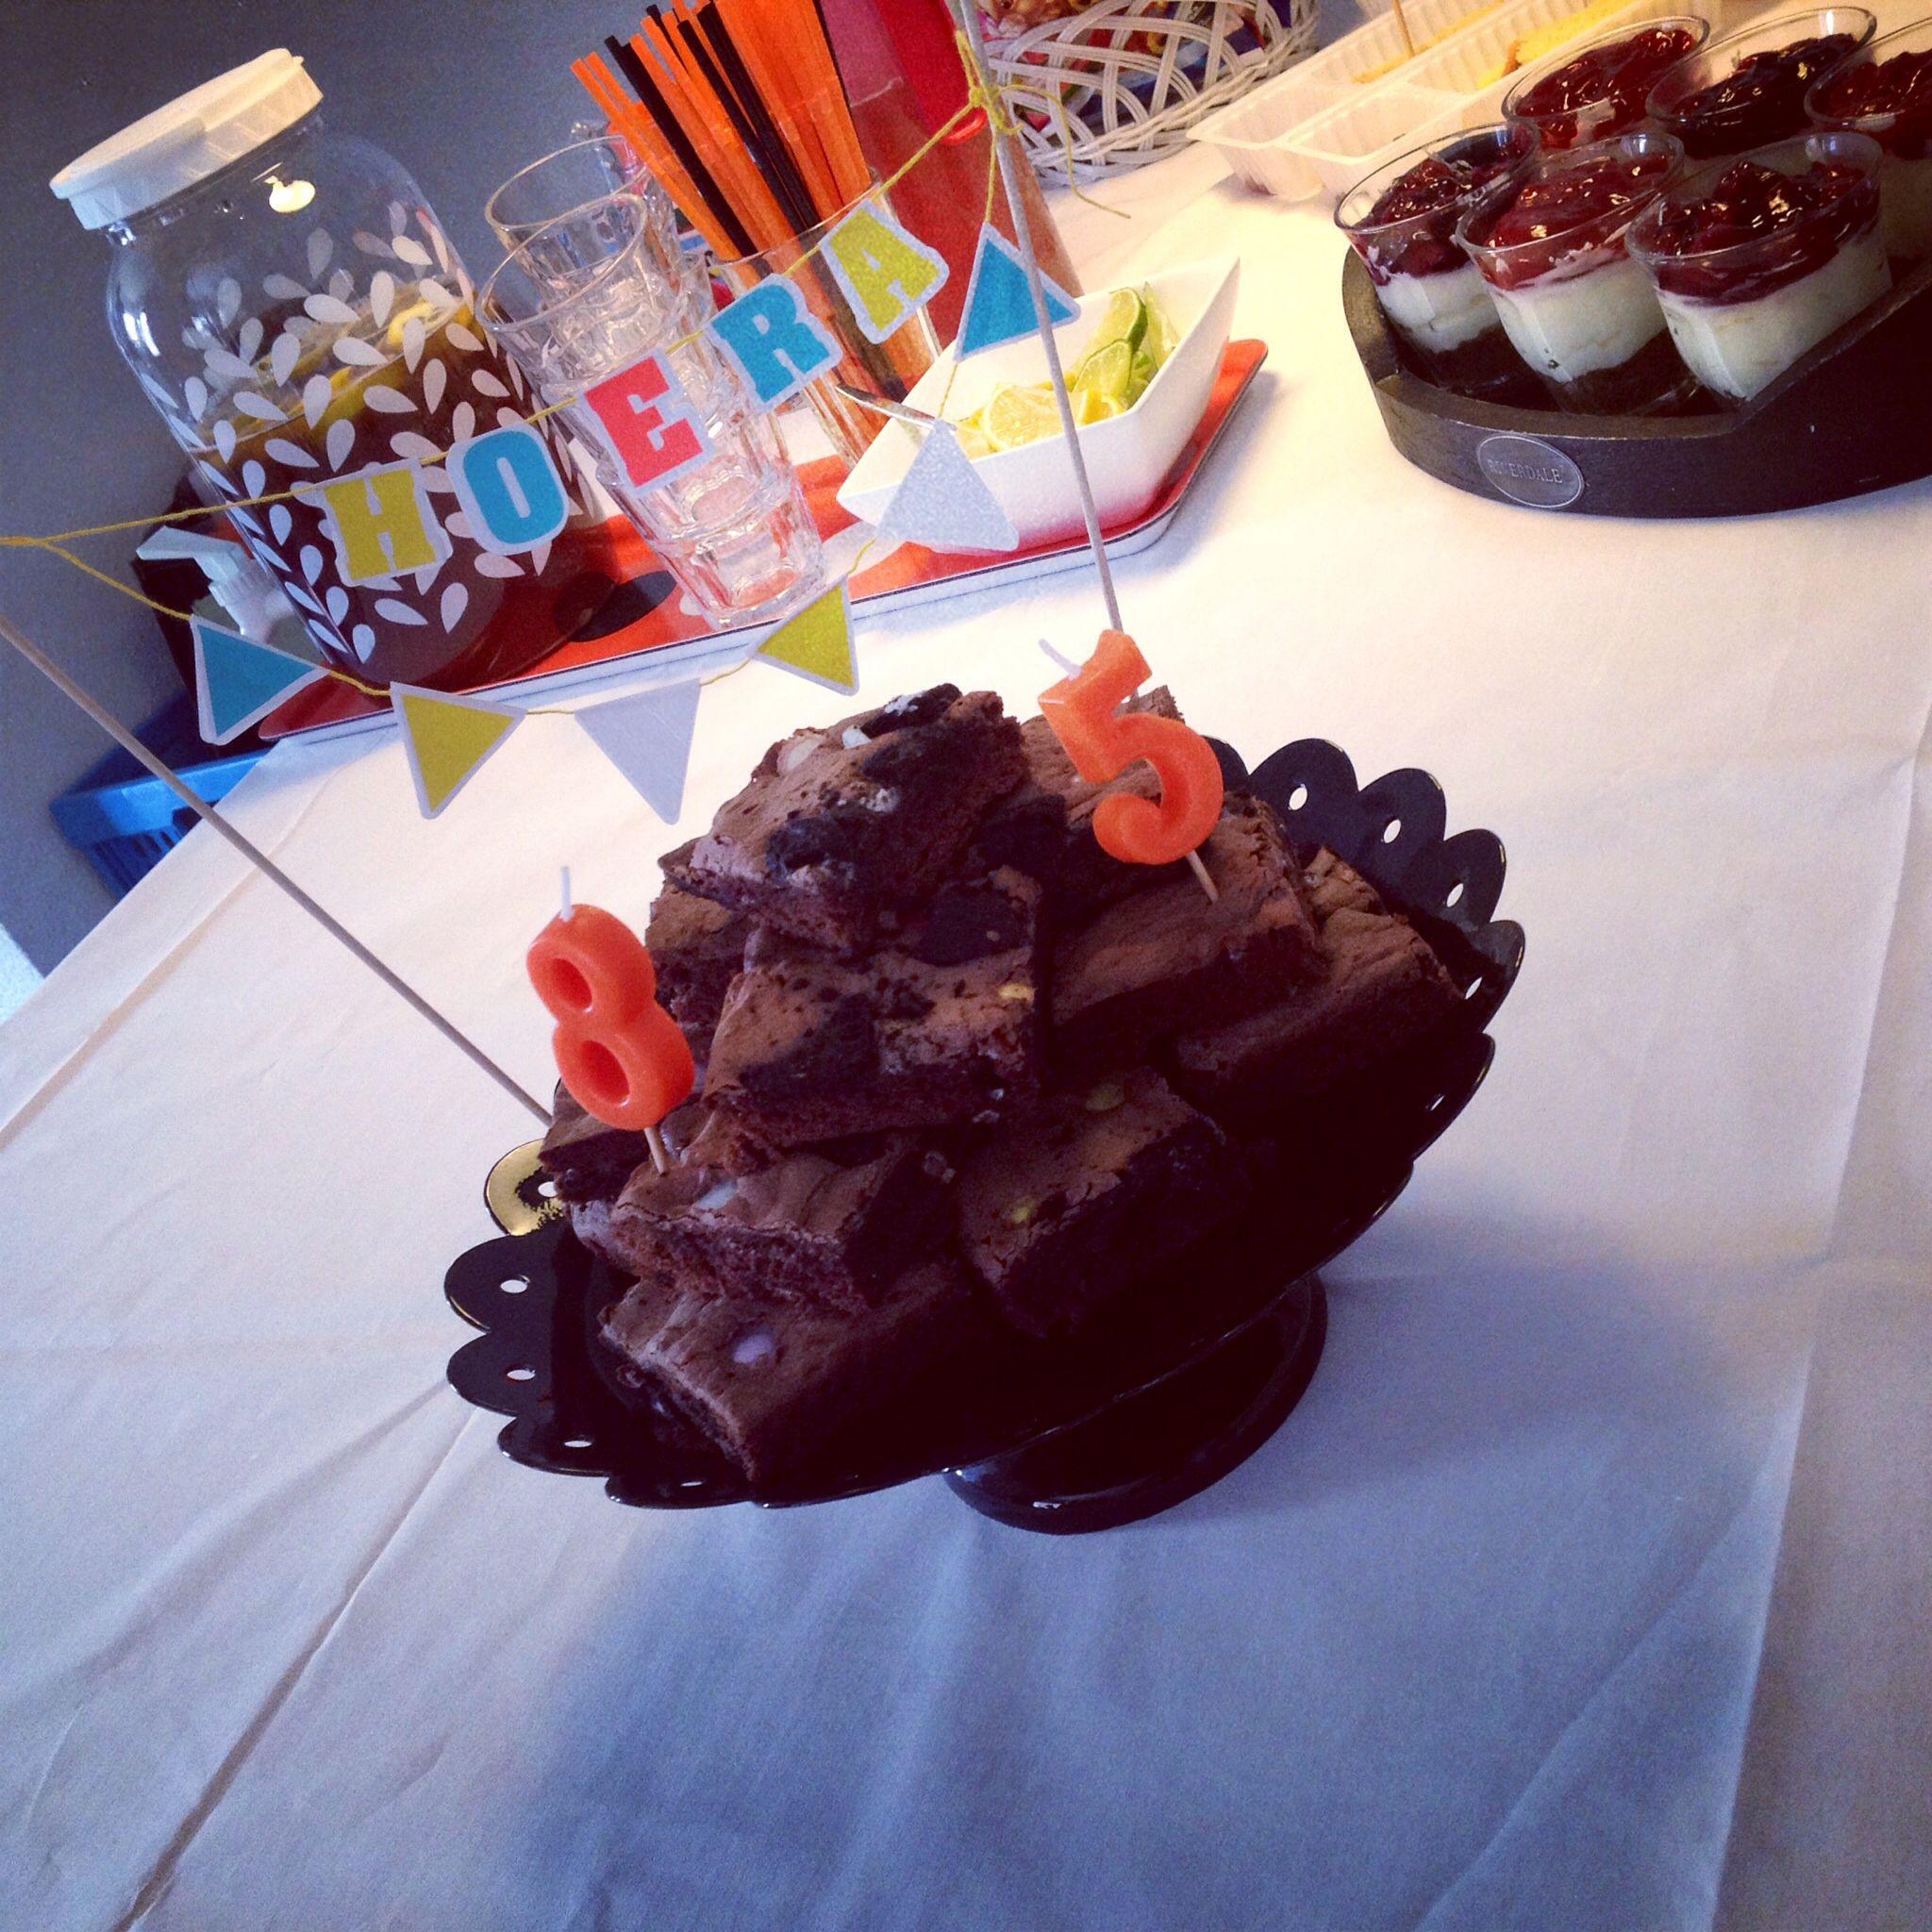 Brownie mét Oreo én Smarties #feestje 5 jaar en 8 jaar #kaarsjes uitblazen  www.cakesenjoy.blogspot.com